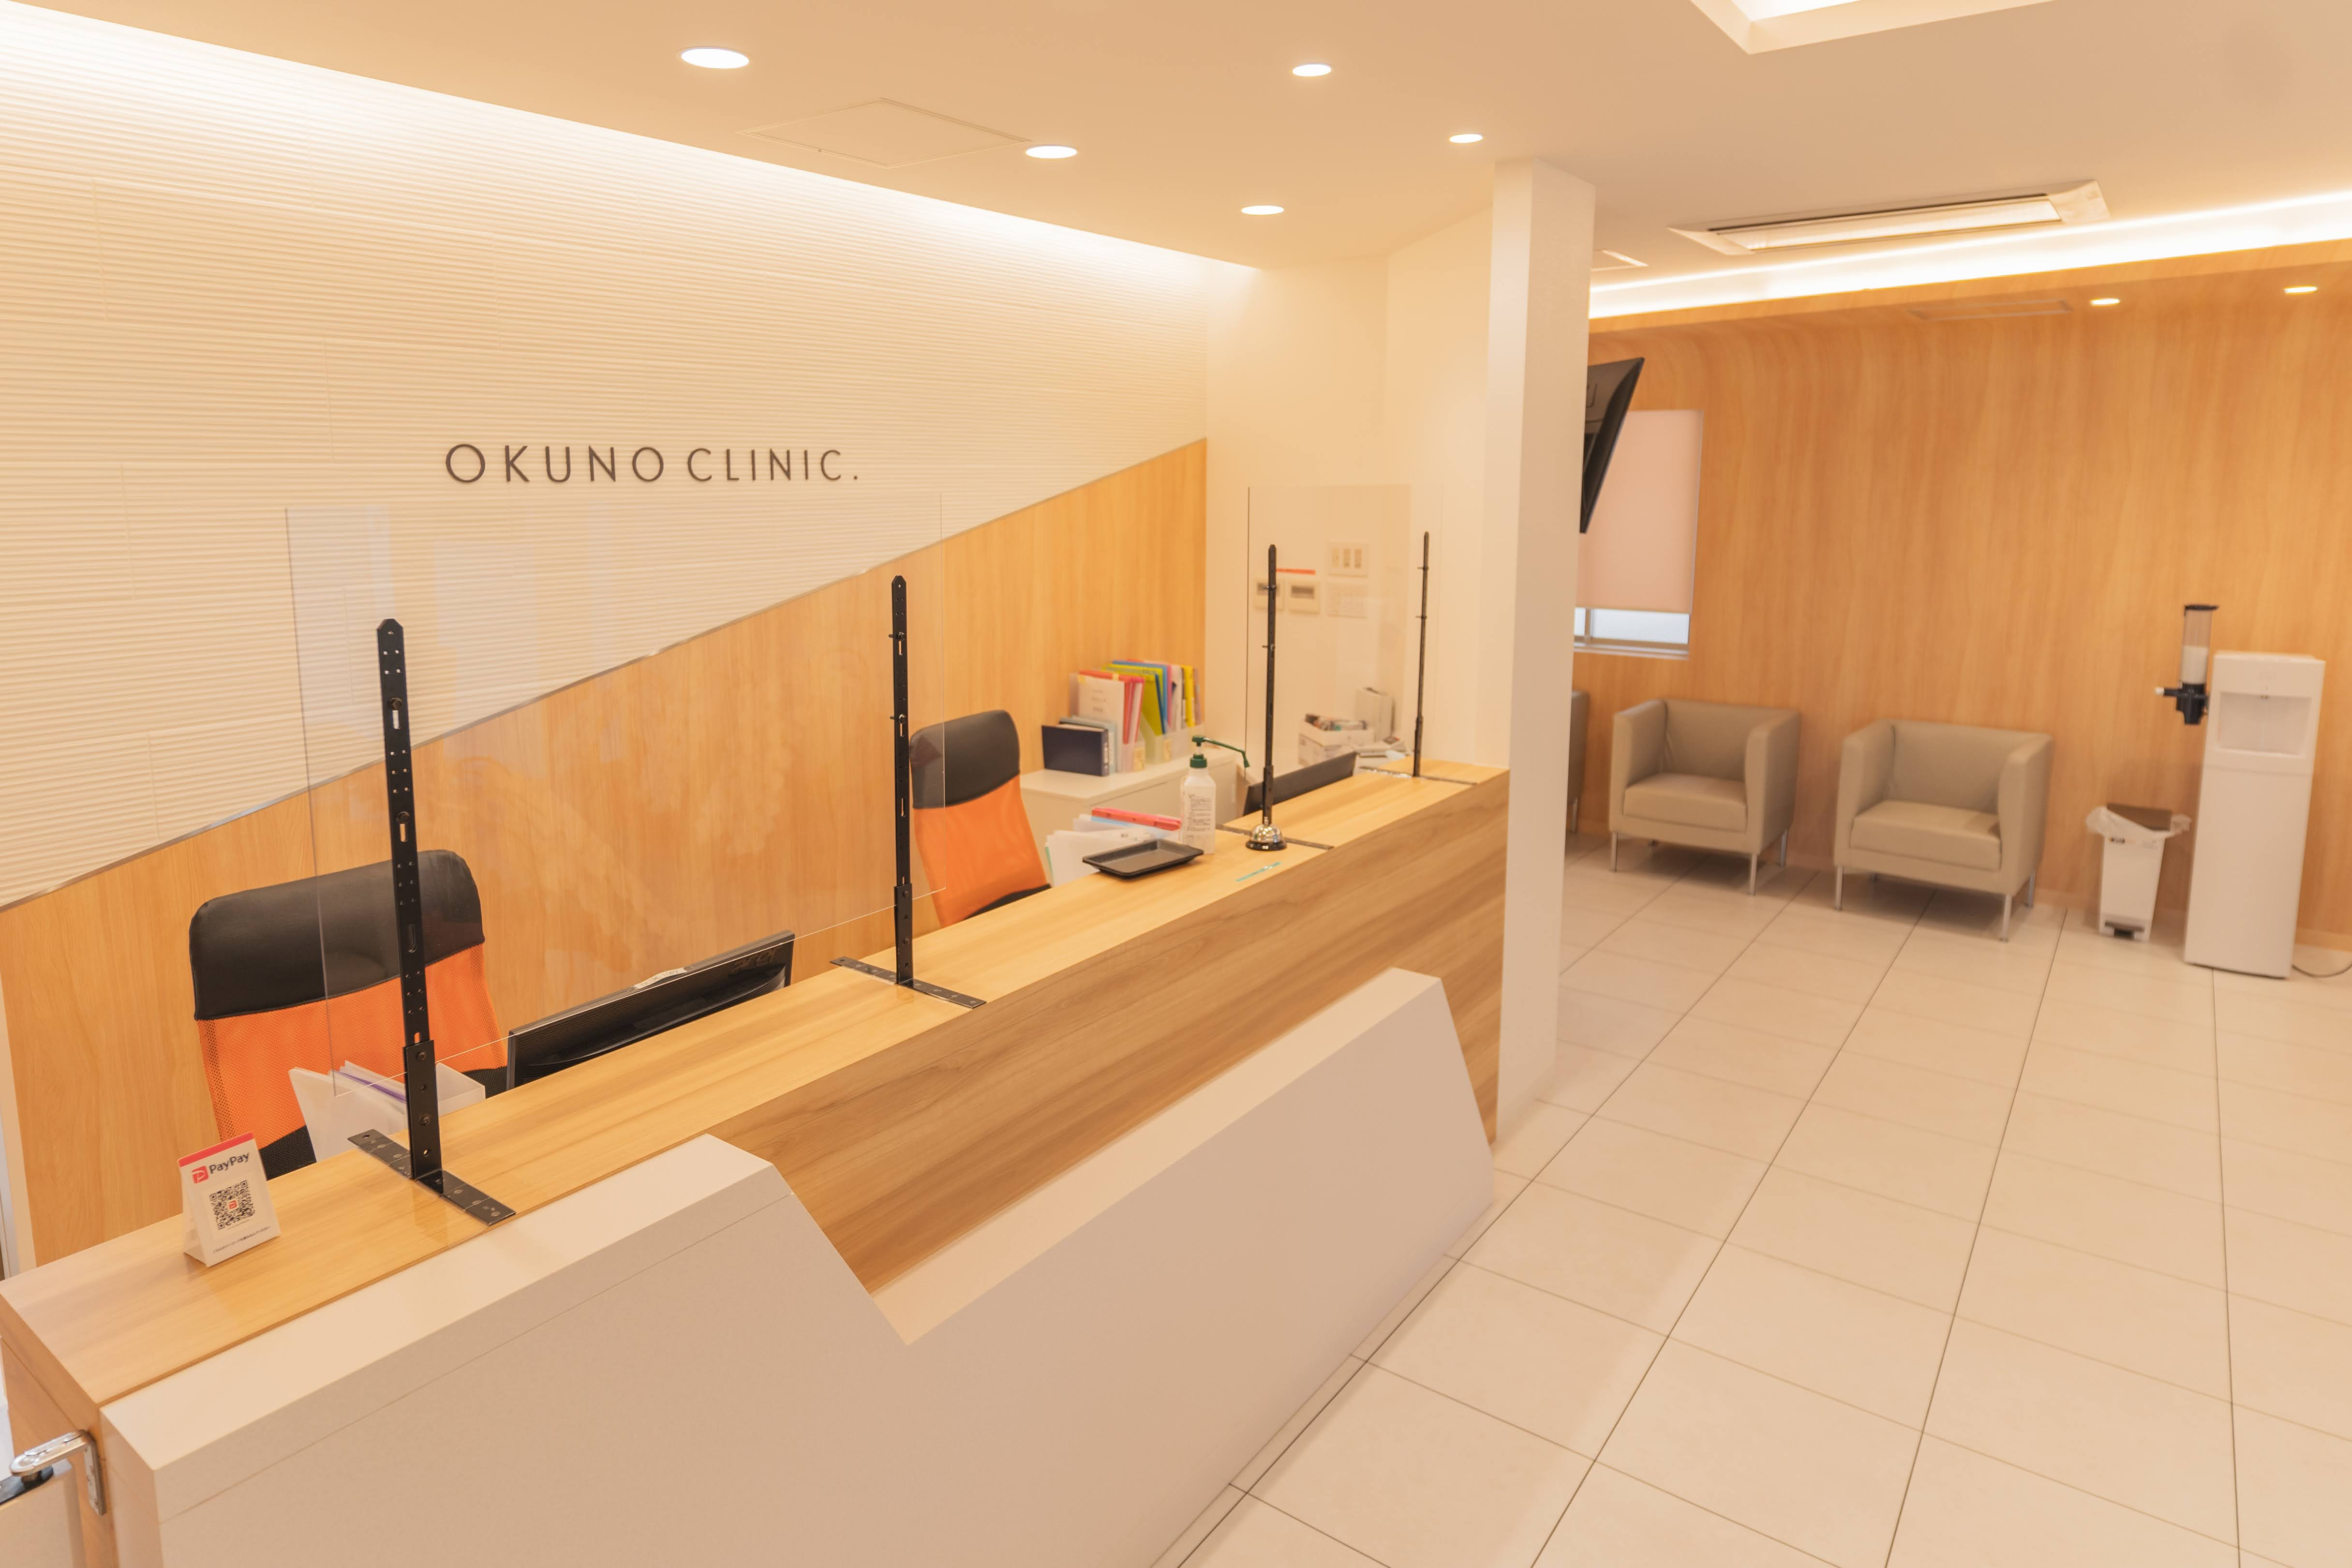 Okuno Clinic